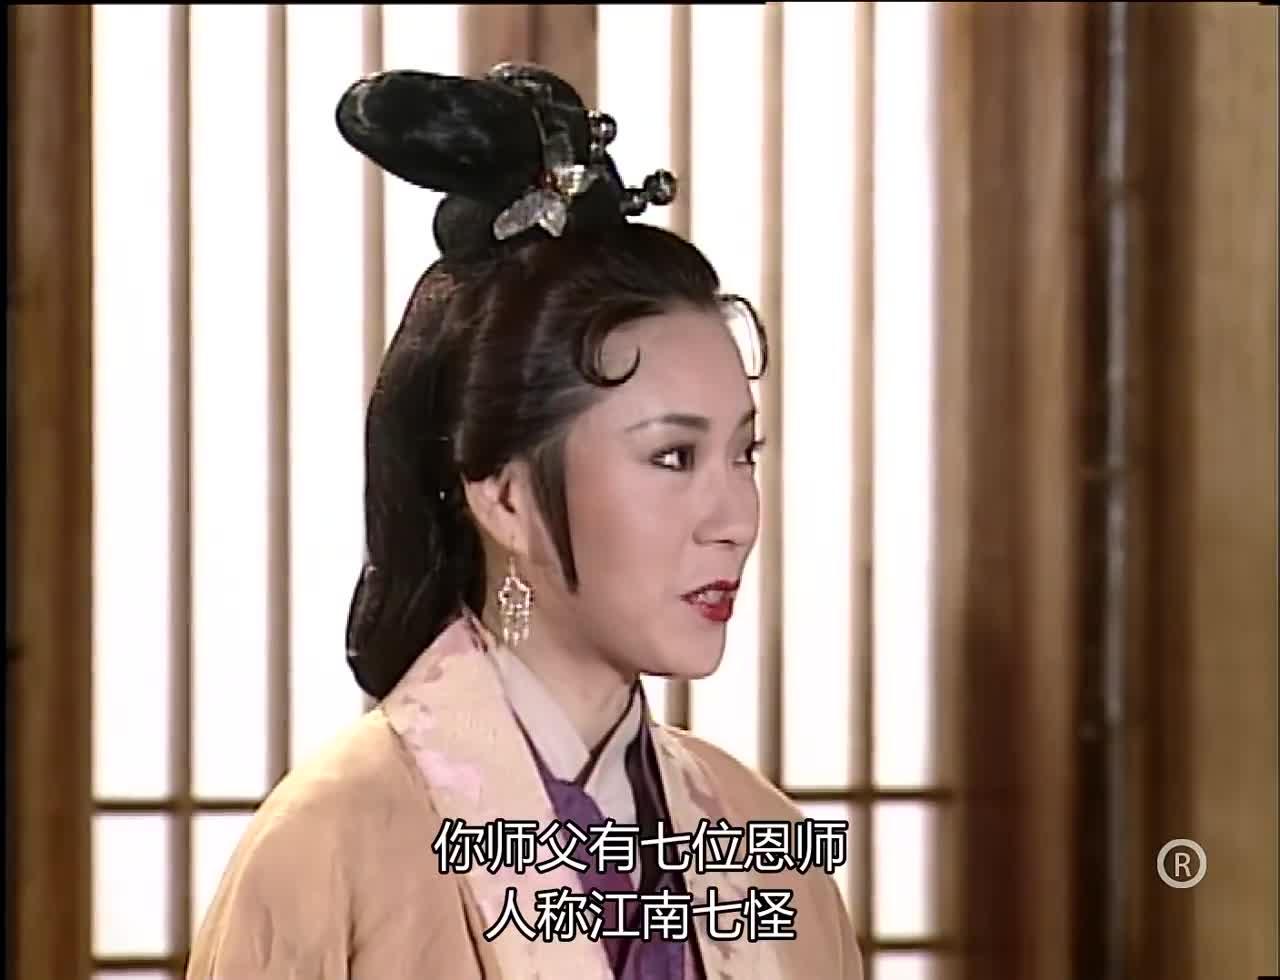 黄蓉教杨过中庸之道,郭靖却在教其他人腰马合一,杨过的表情亮了